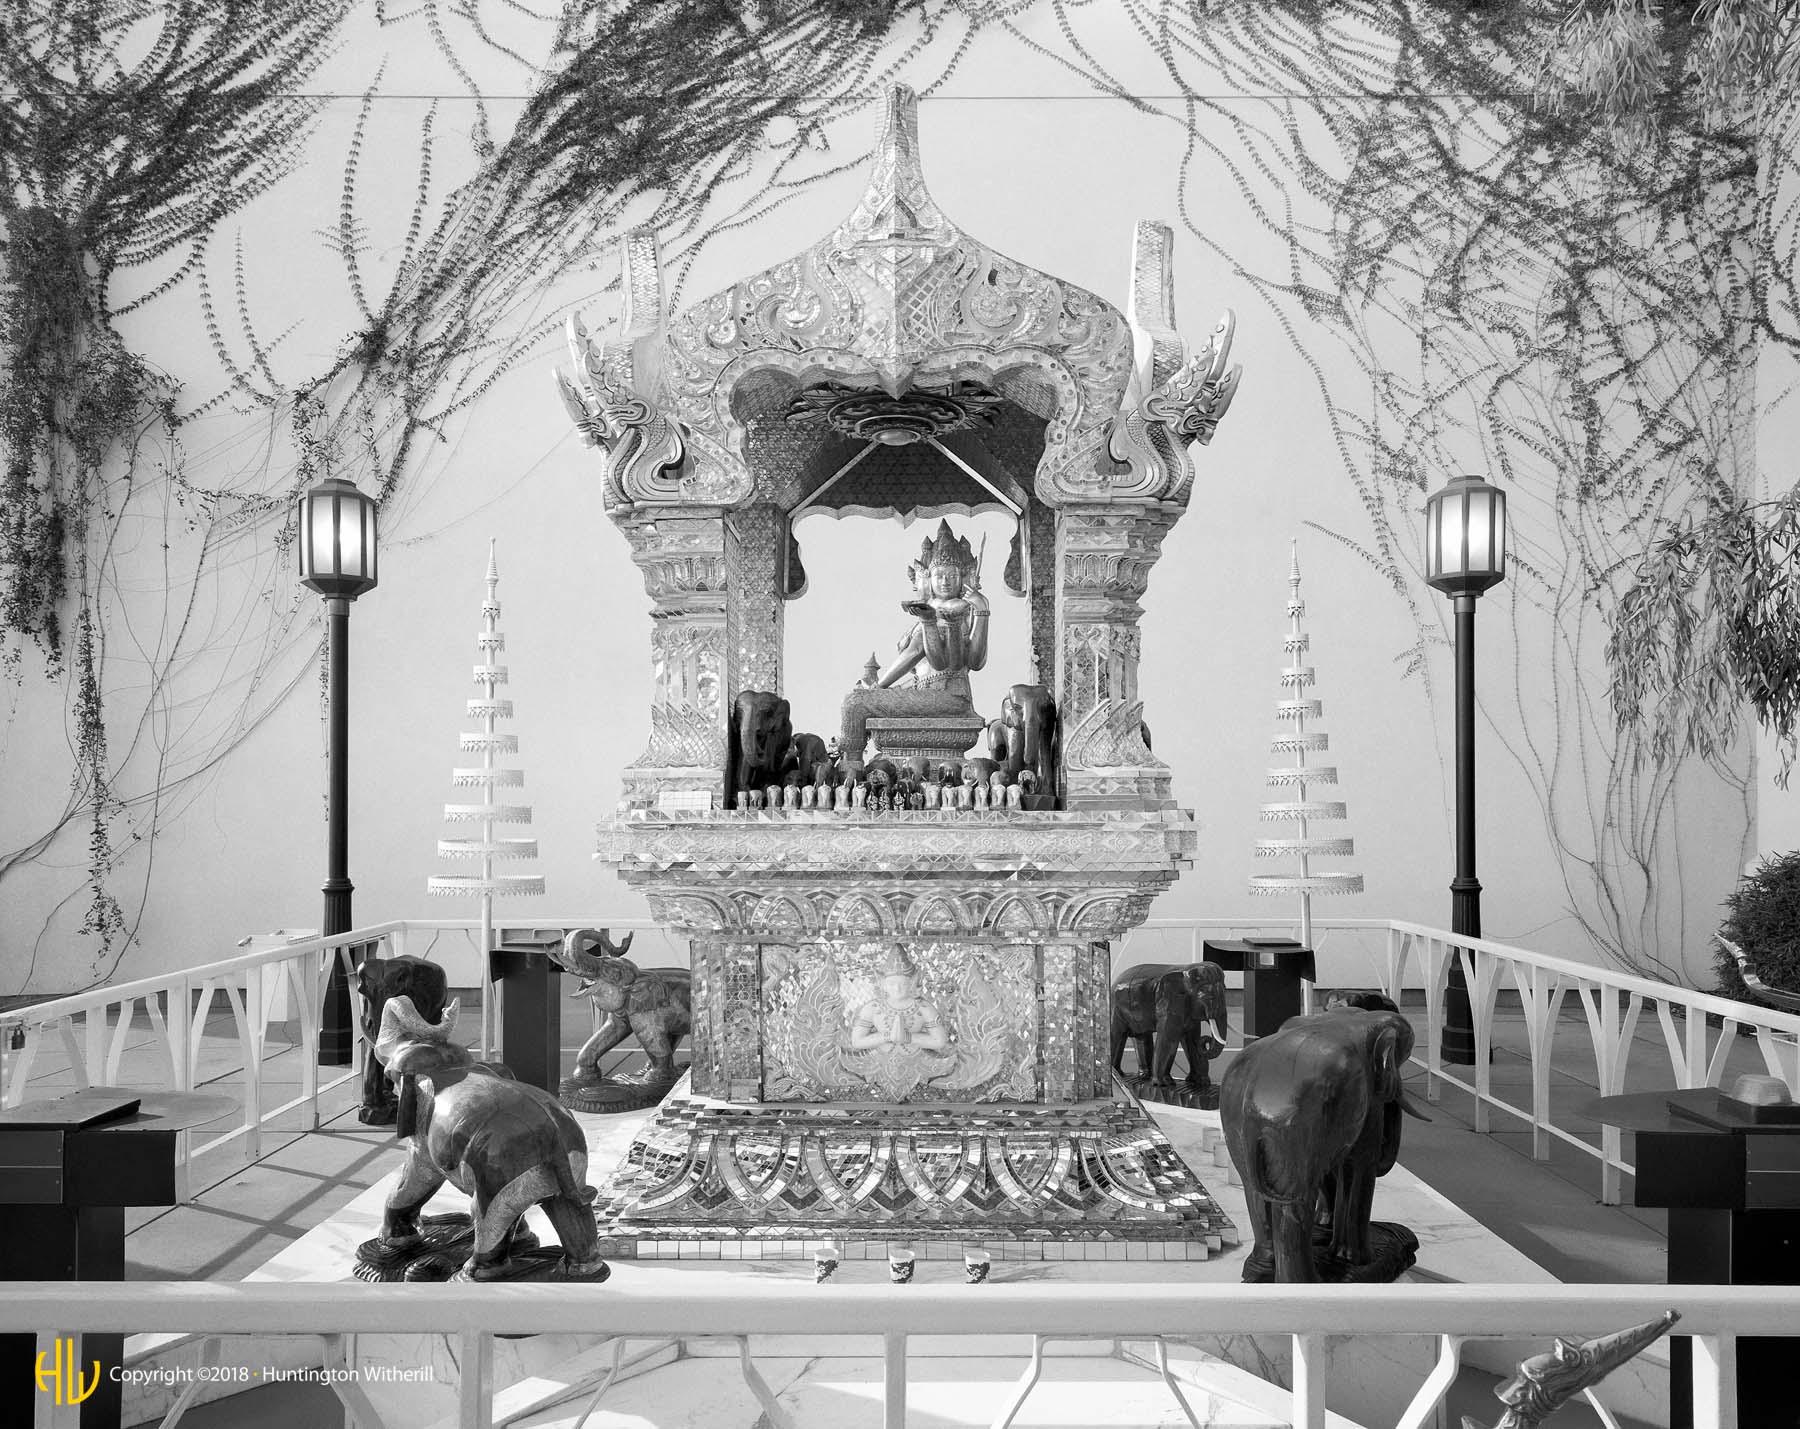 Hindu Shrine, Las Vegas, NV, 1999